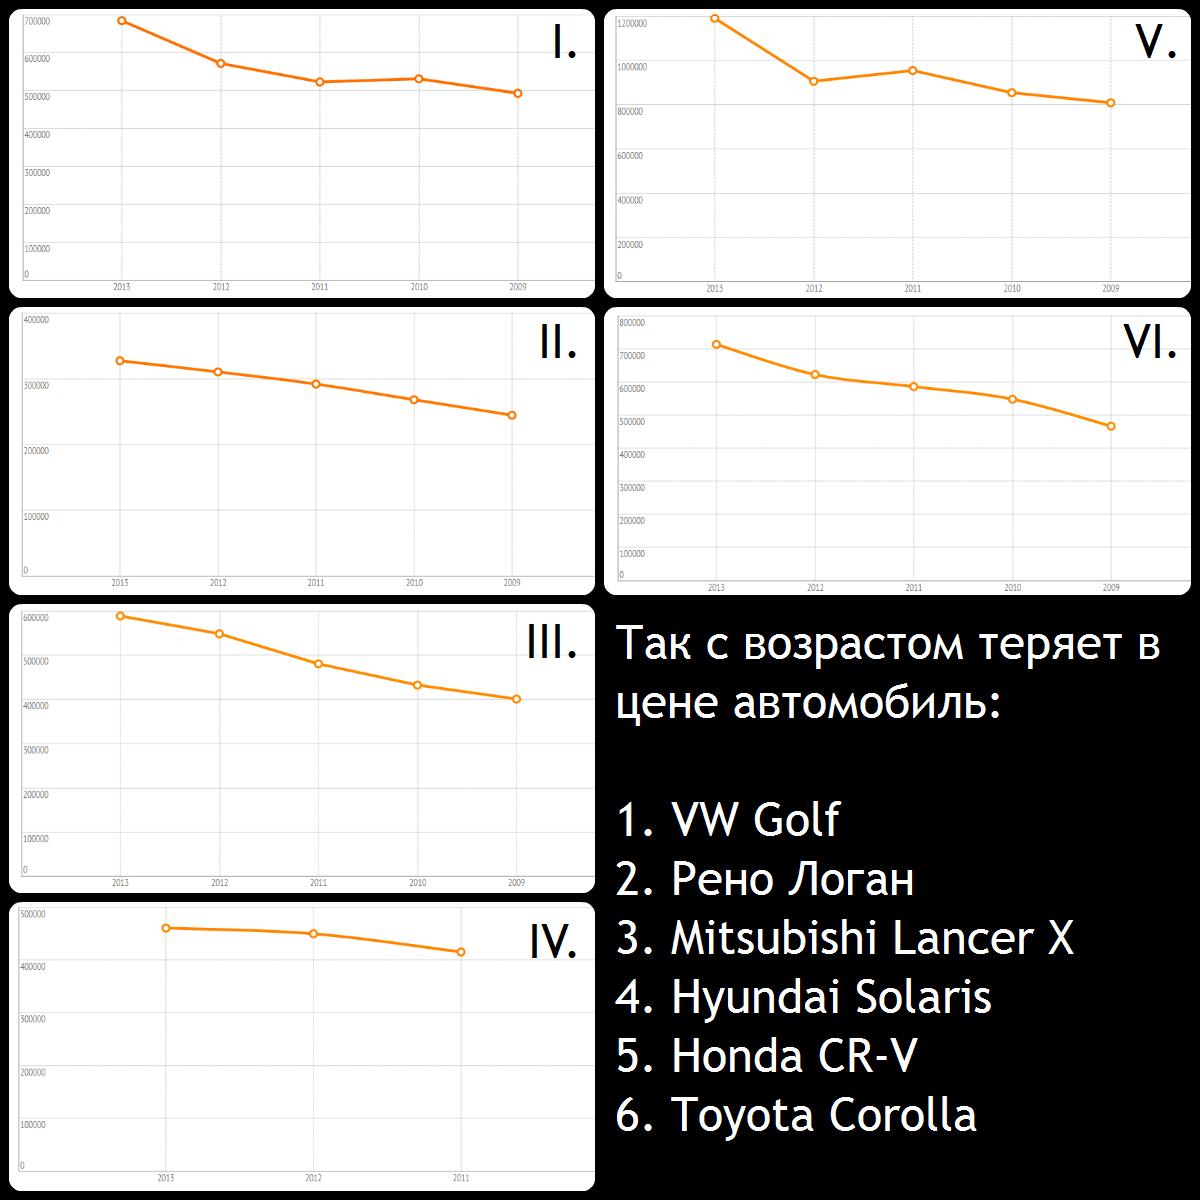 Динамика снижения стоимости авто за 5 лет владения